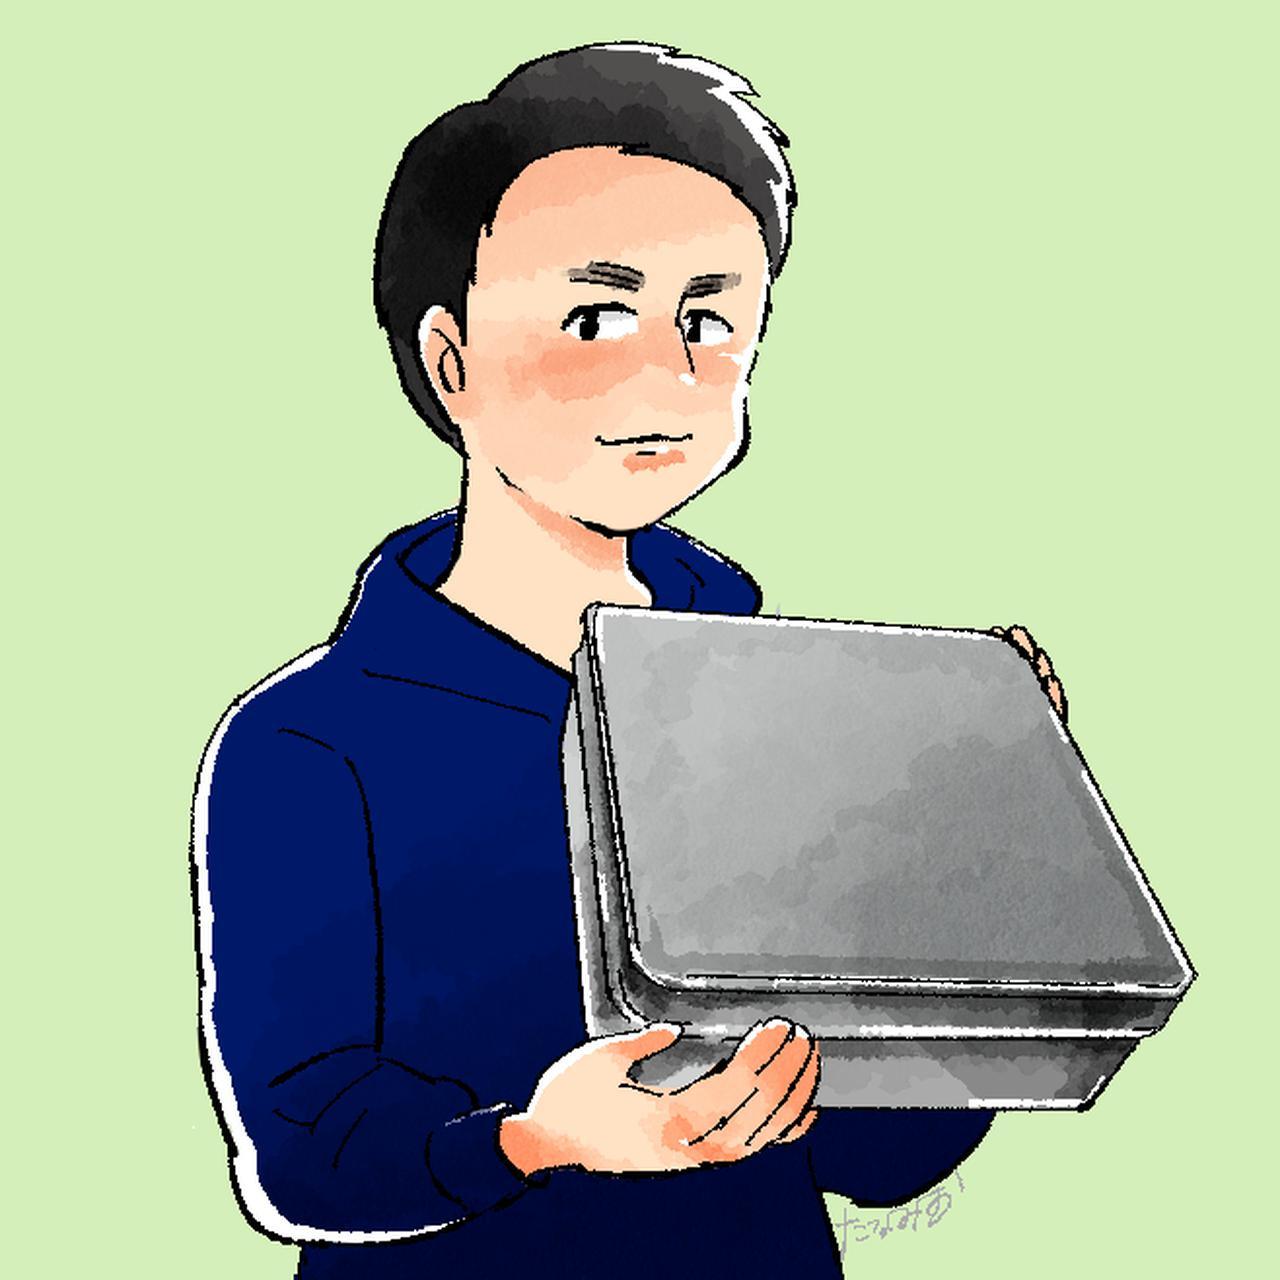 画像1: プロ直伝! ぷりっぷりな海鮮が簡単に食べられる「カンカン焼き」レシピ バーベキューや簡単キャンプ飯にも◎